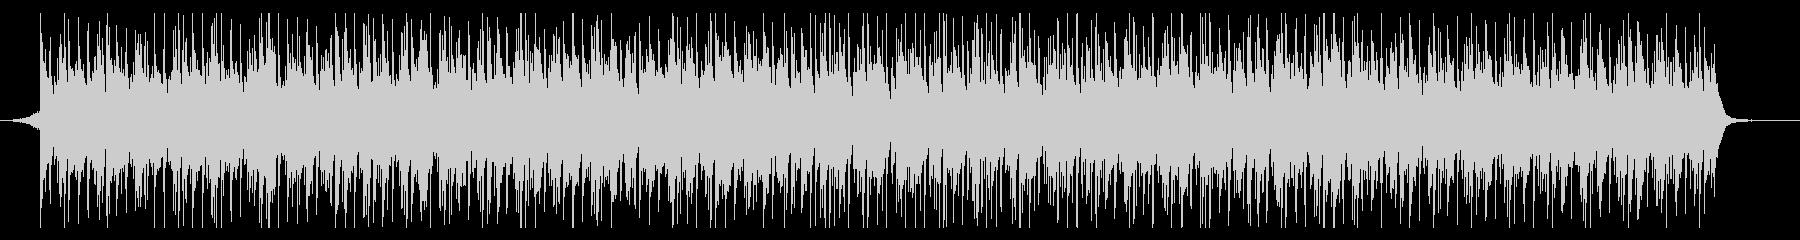 CMやVPに ほのぼの口笛エンディングの未再生の波形